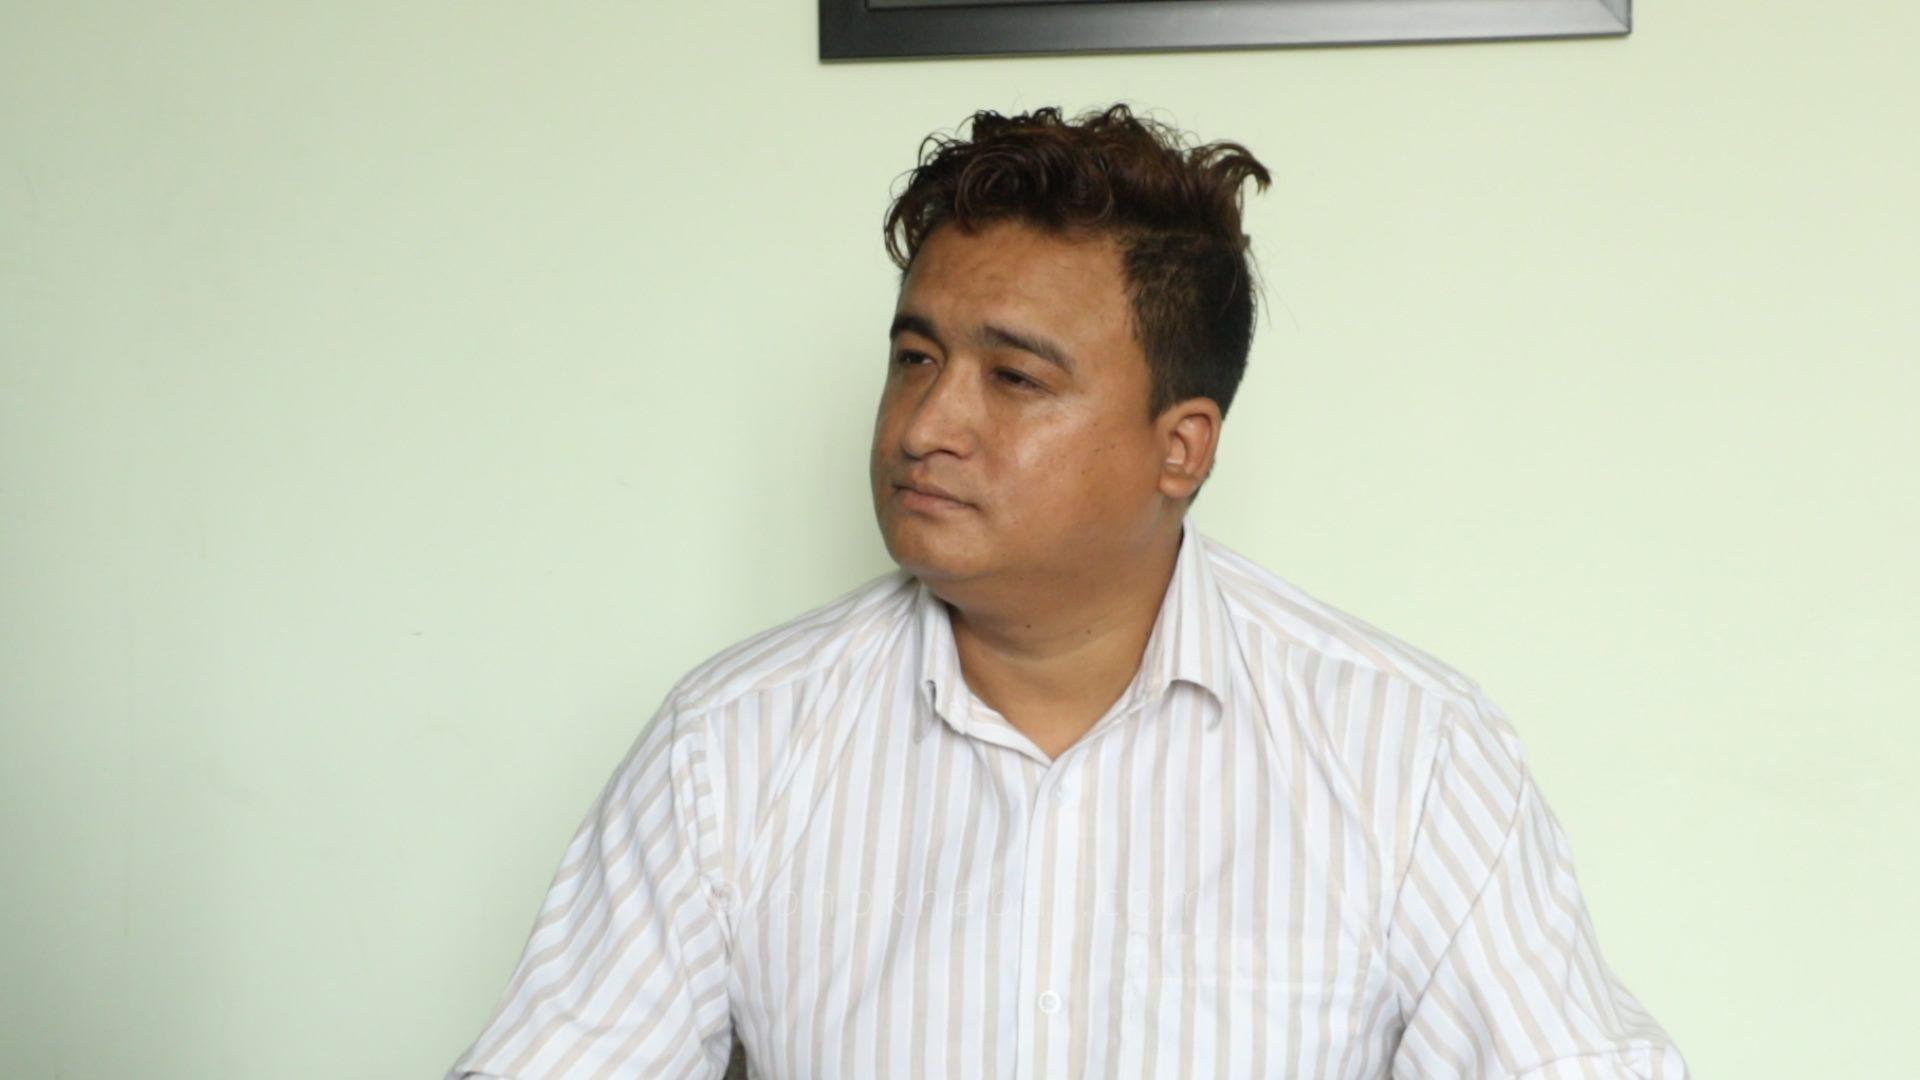 क्याप्टेन लामालाई नेपाल वायु सेवा निगमको प्रमुख बनाउनुपर्ने लेखक दिलनिशानीको माग